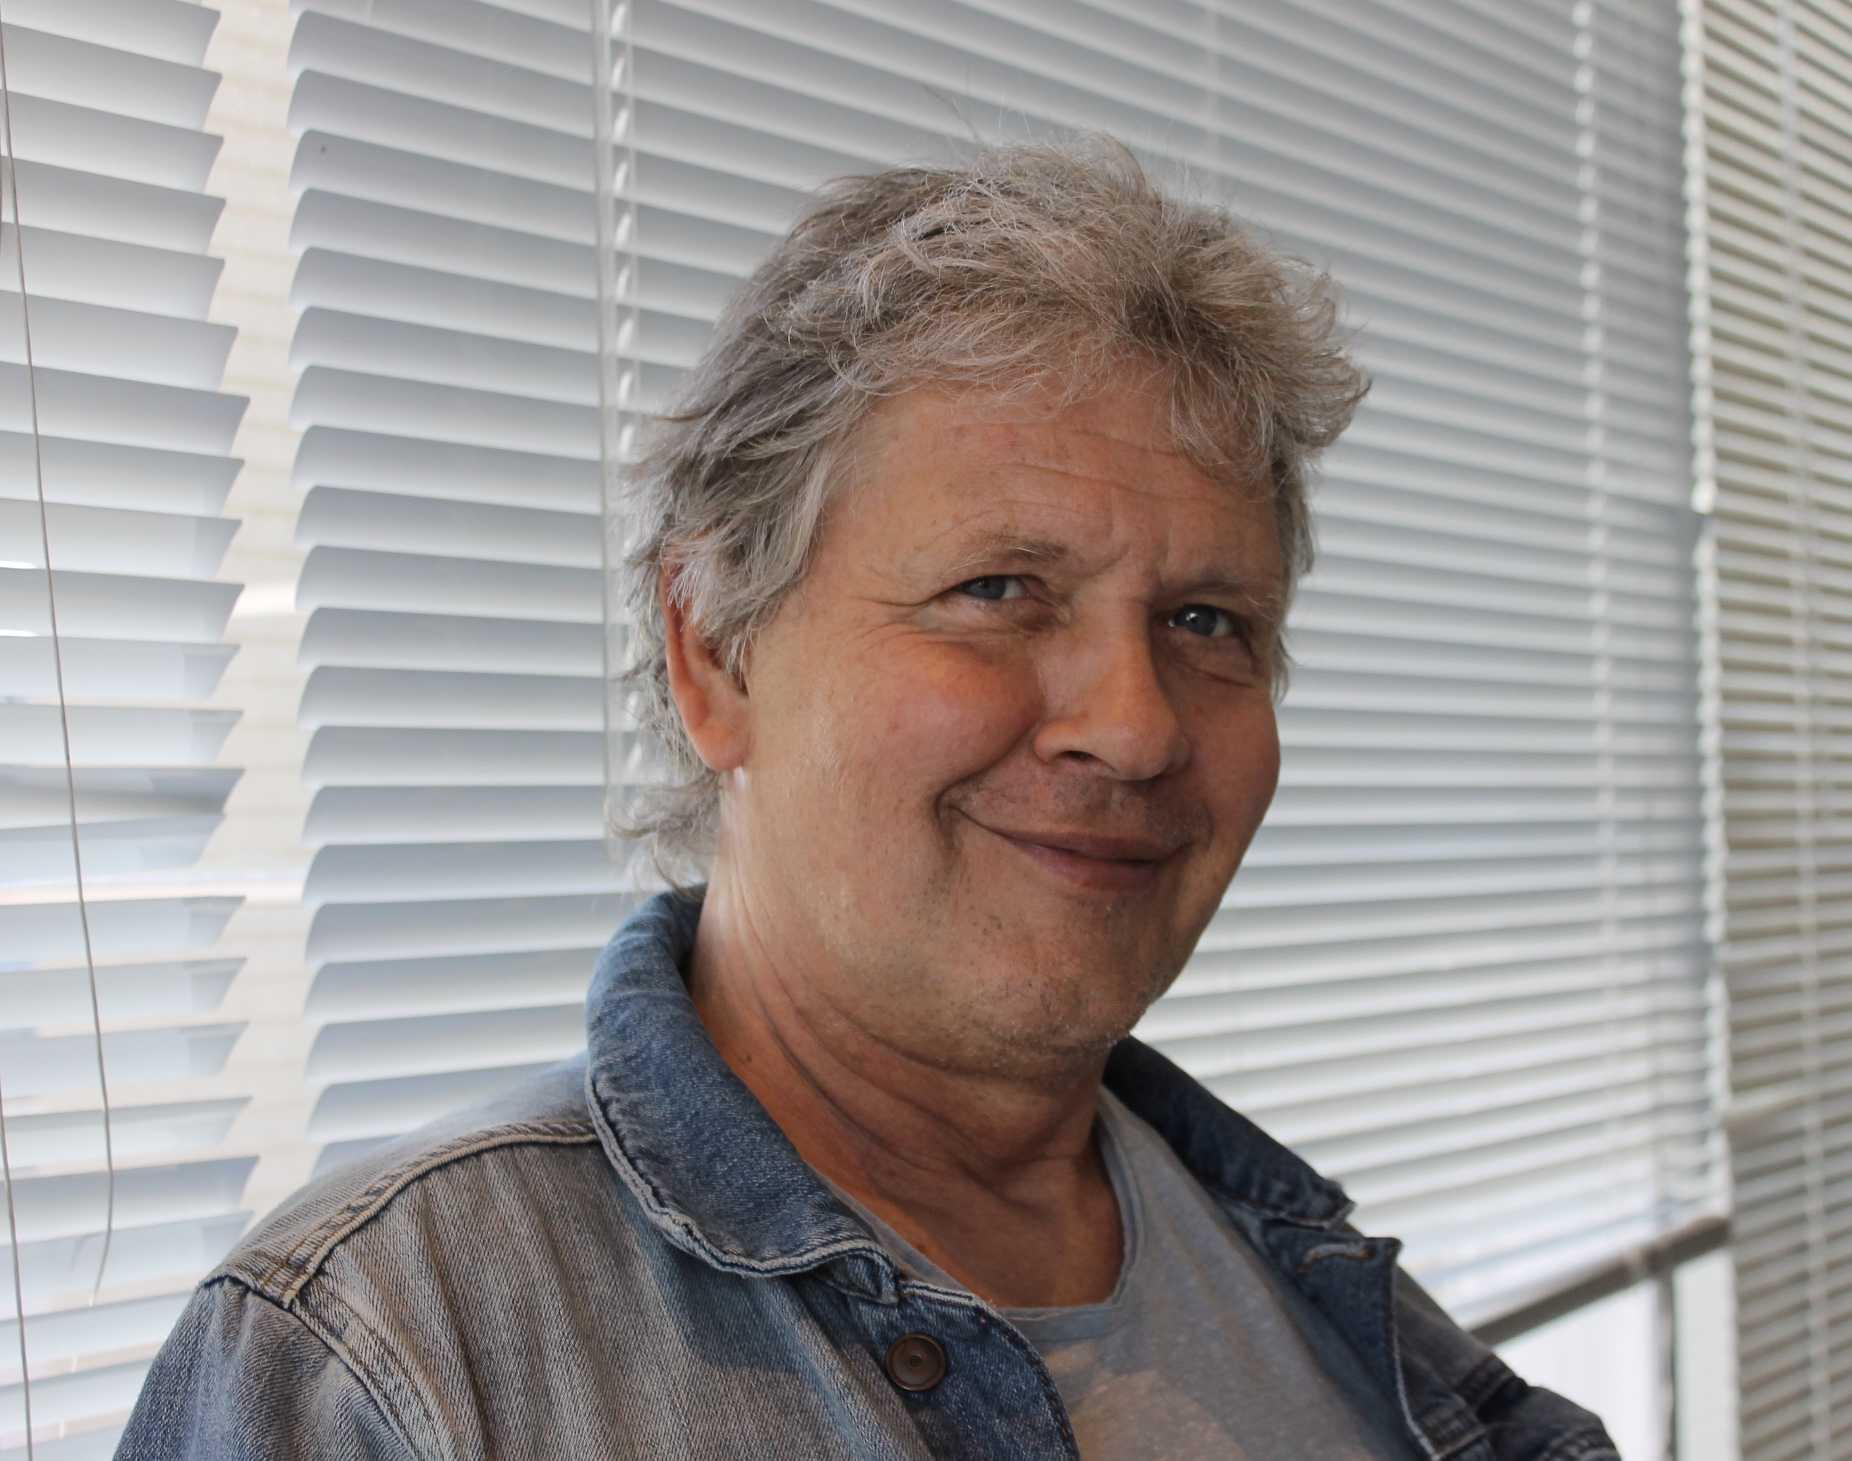 Interview : Avec Lonesome, Yves Swolfs confirme son don pour un western engagé